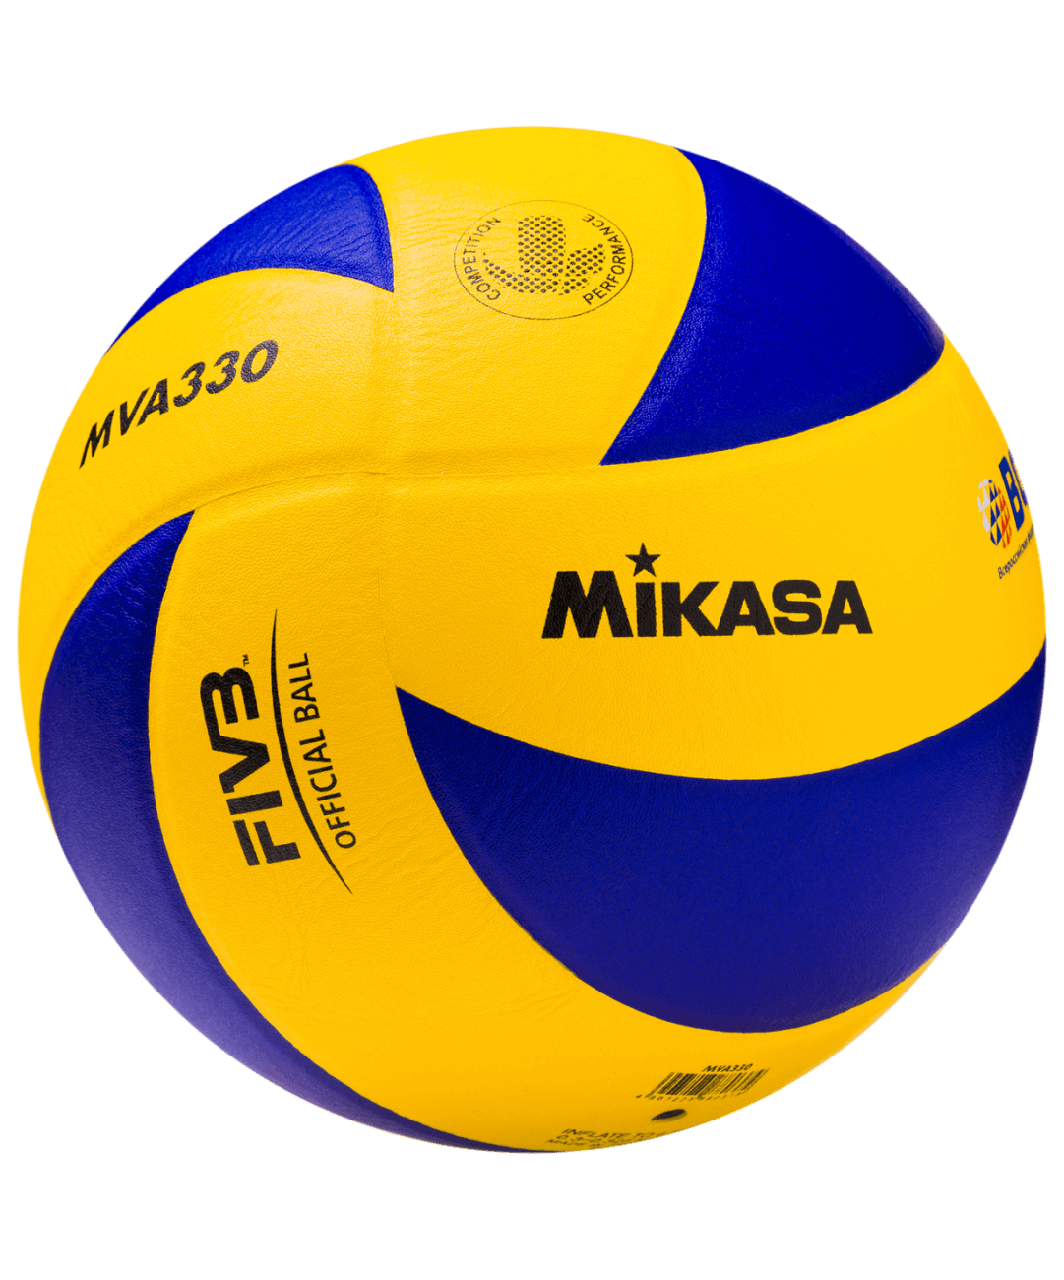 Мяч волейбольный Mikasa MVA 330 (Premium) ОПТОМ